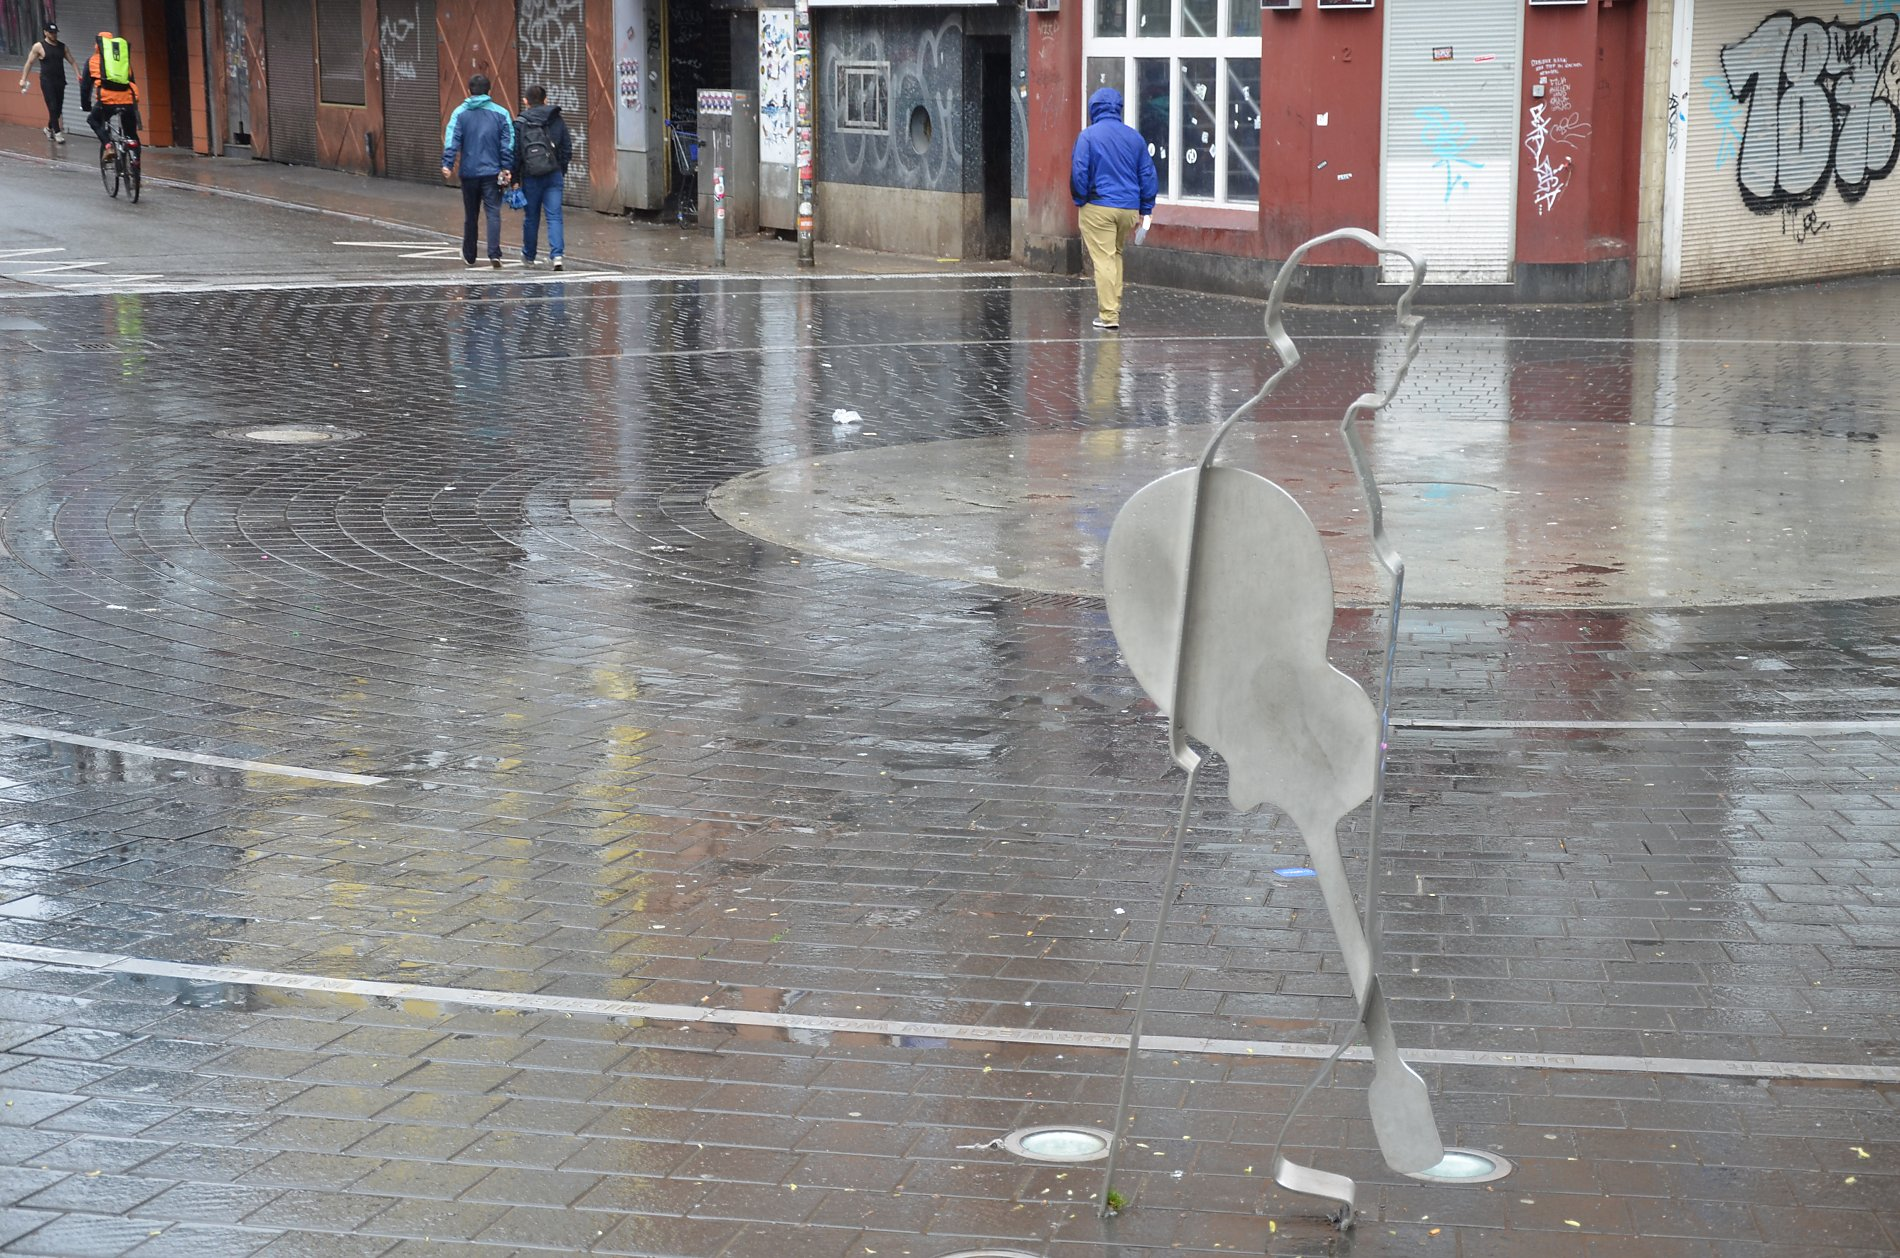 Passend zum typisch englischen Wetter, regnete es auch in Hamburg am Beatlesplatz.